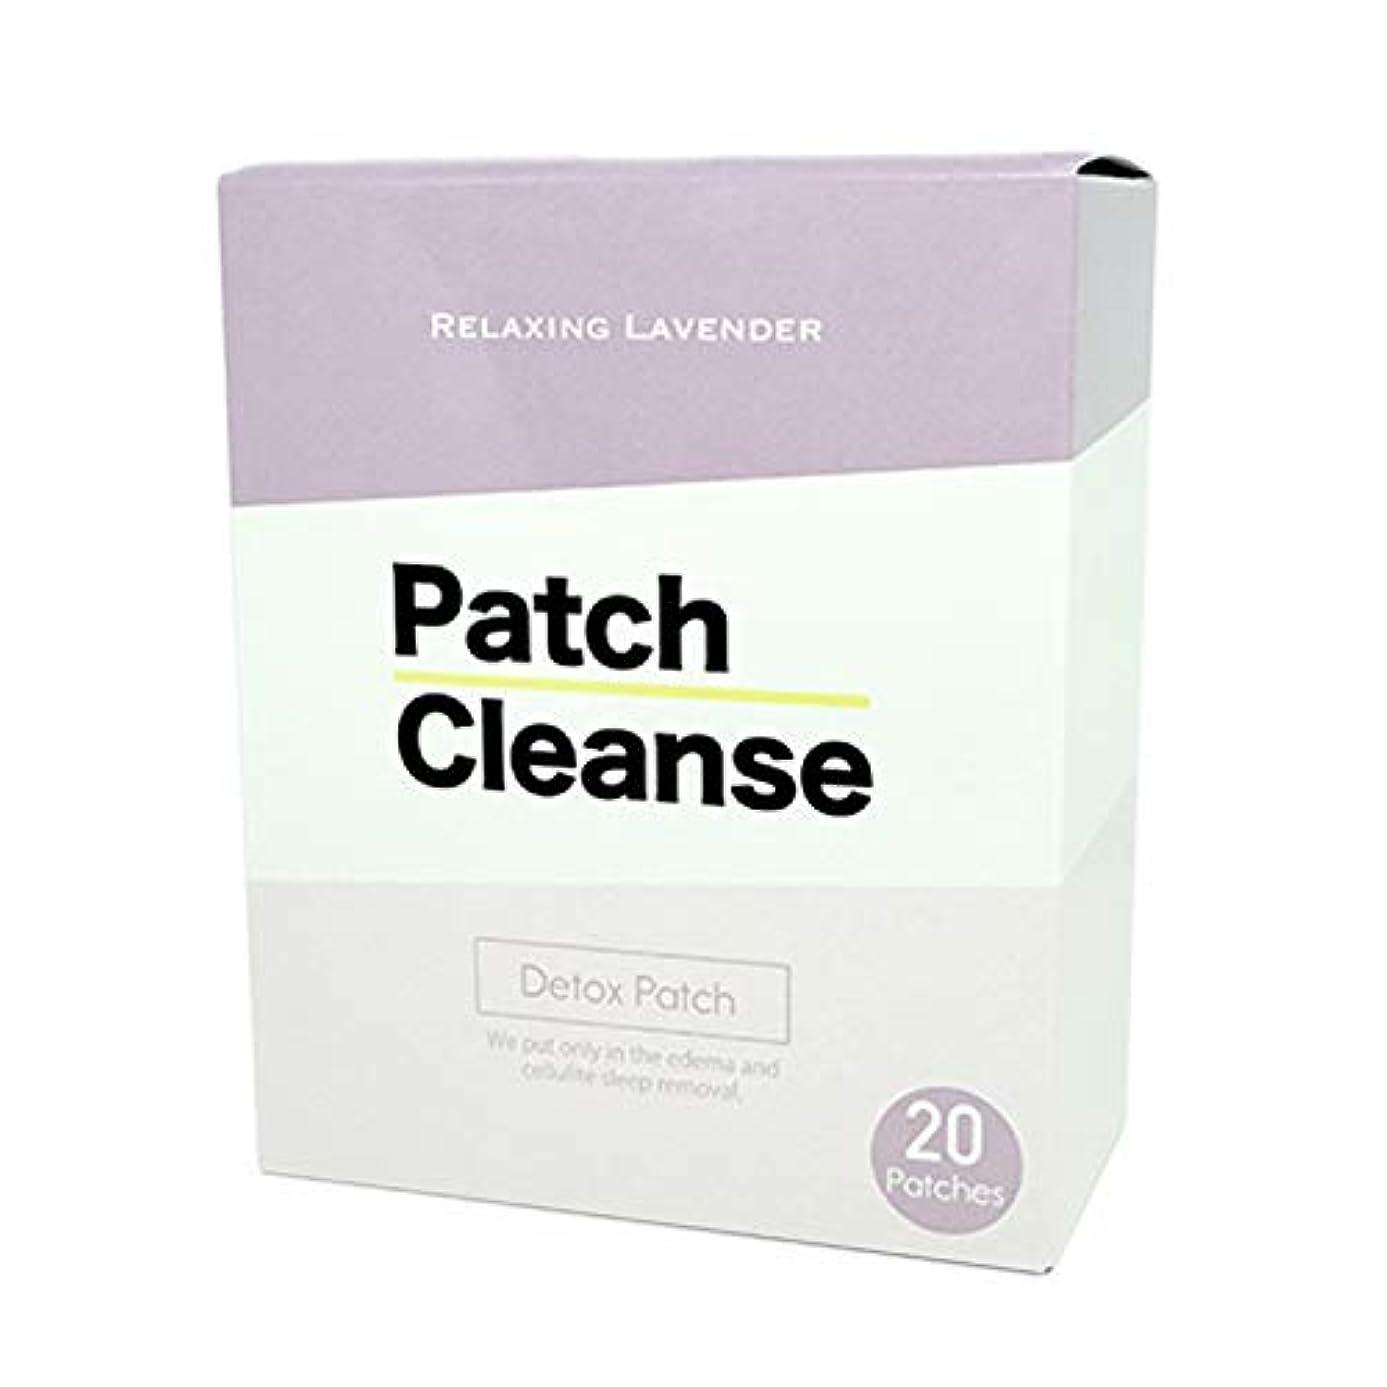 シネウィ明らか多様なPatch Cleanse パッチクレンズ むくみ デトックス 老廃物 リフレッシュ エステ